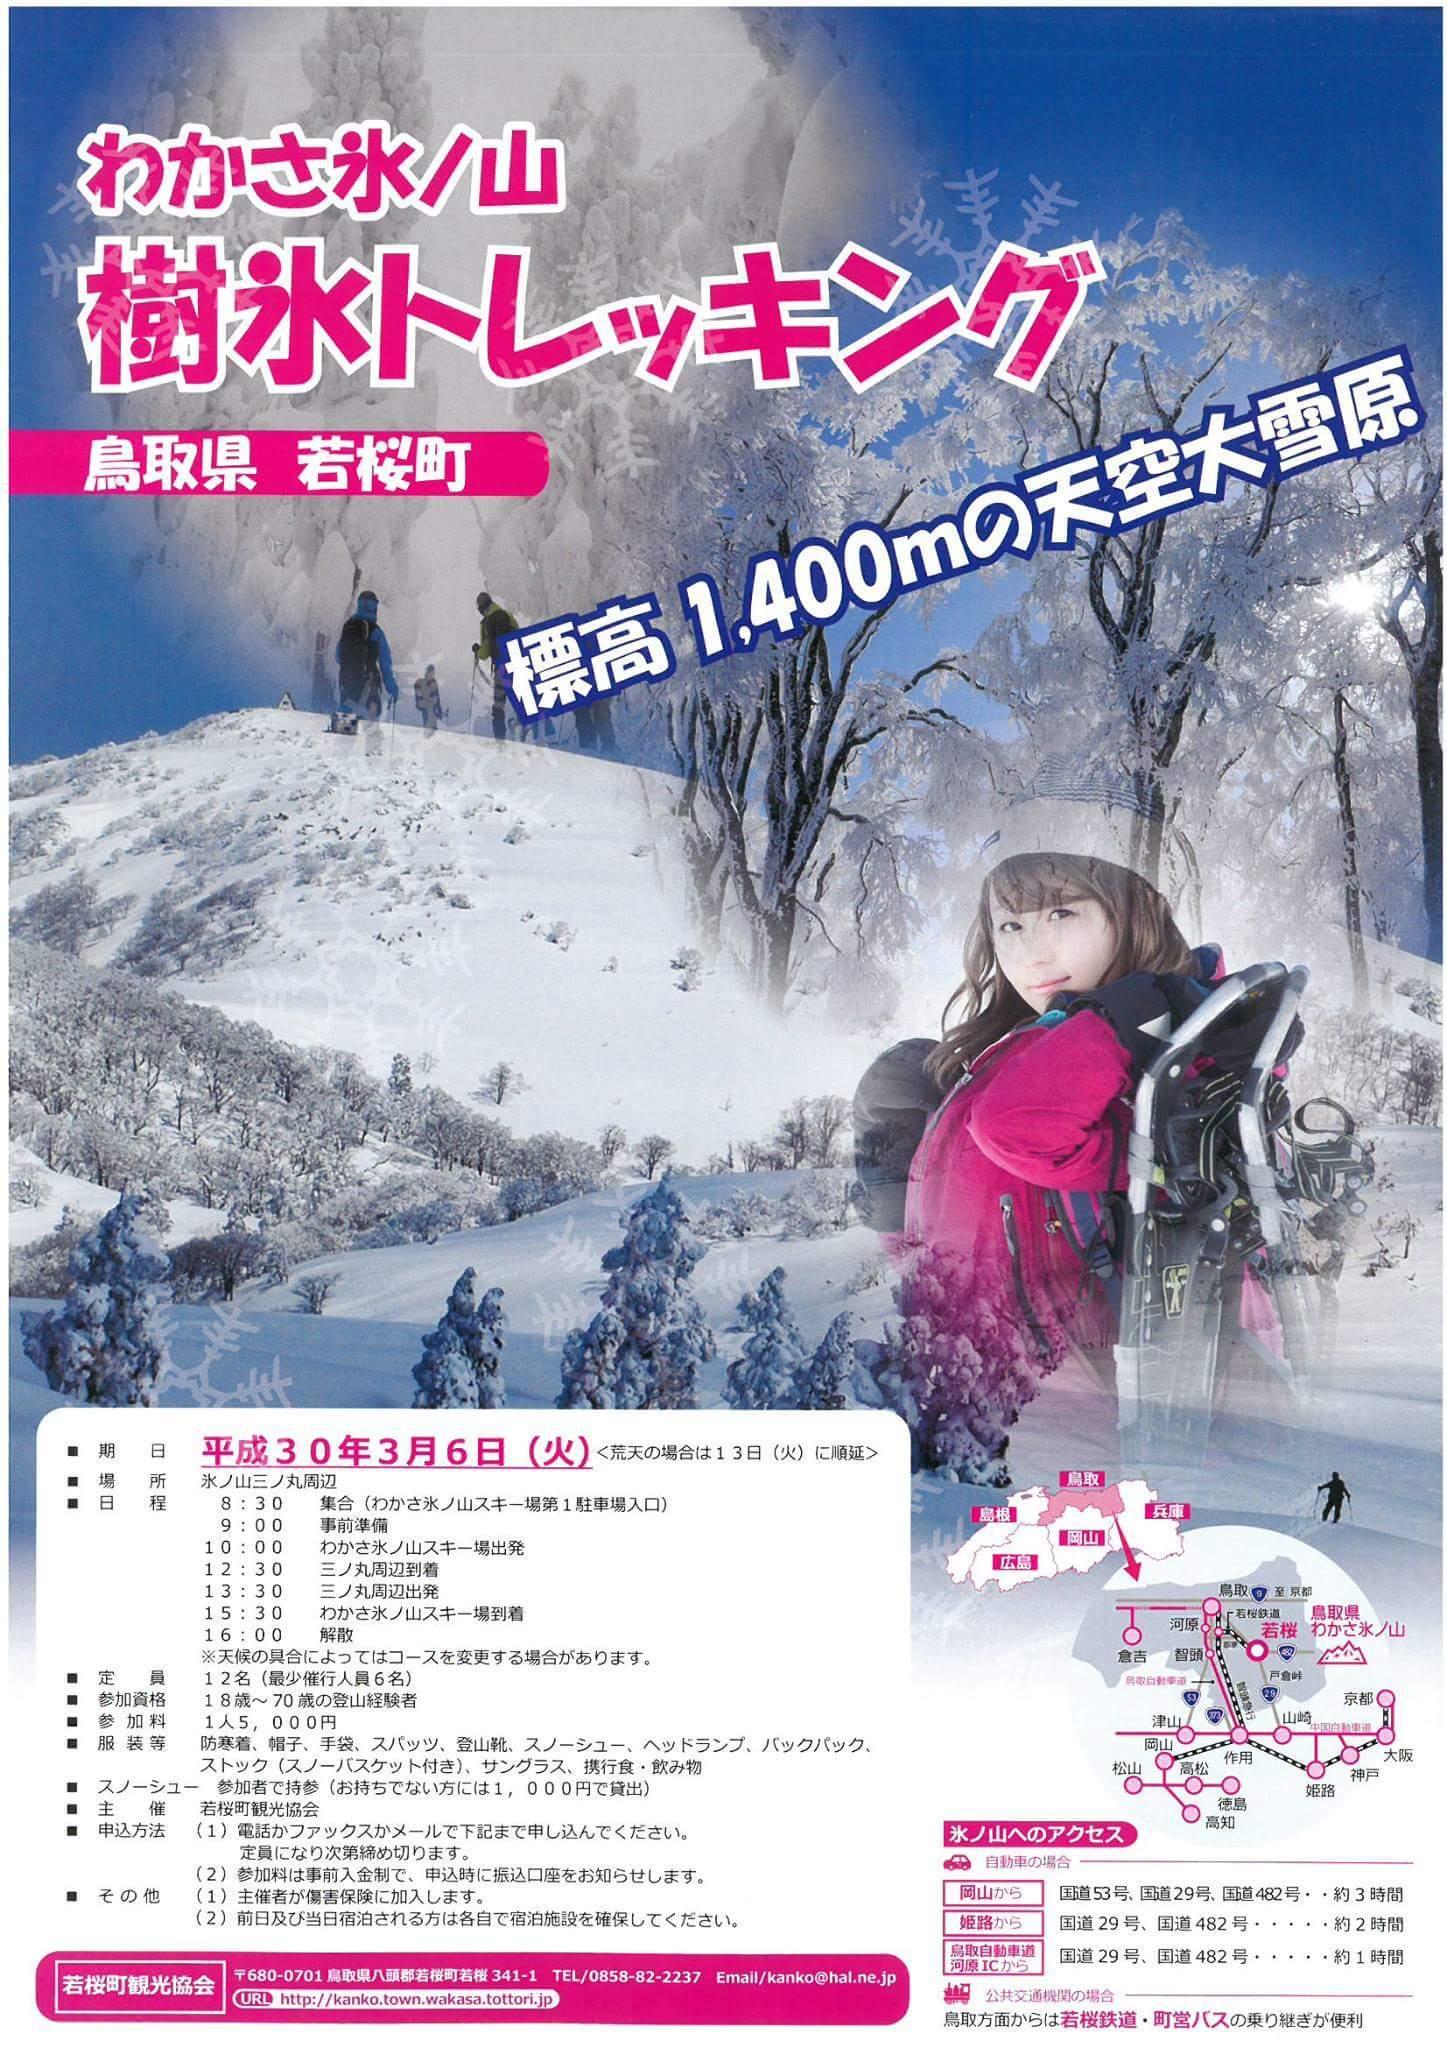 雪山樹氷トレッキング!参加者募集中!!_f0101226_14203642.jpeg